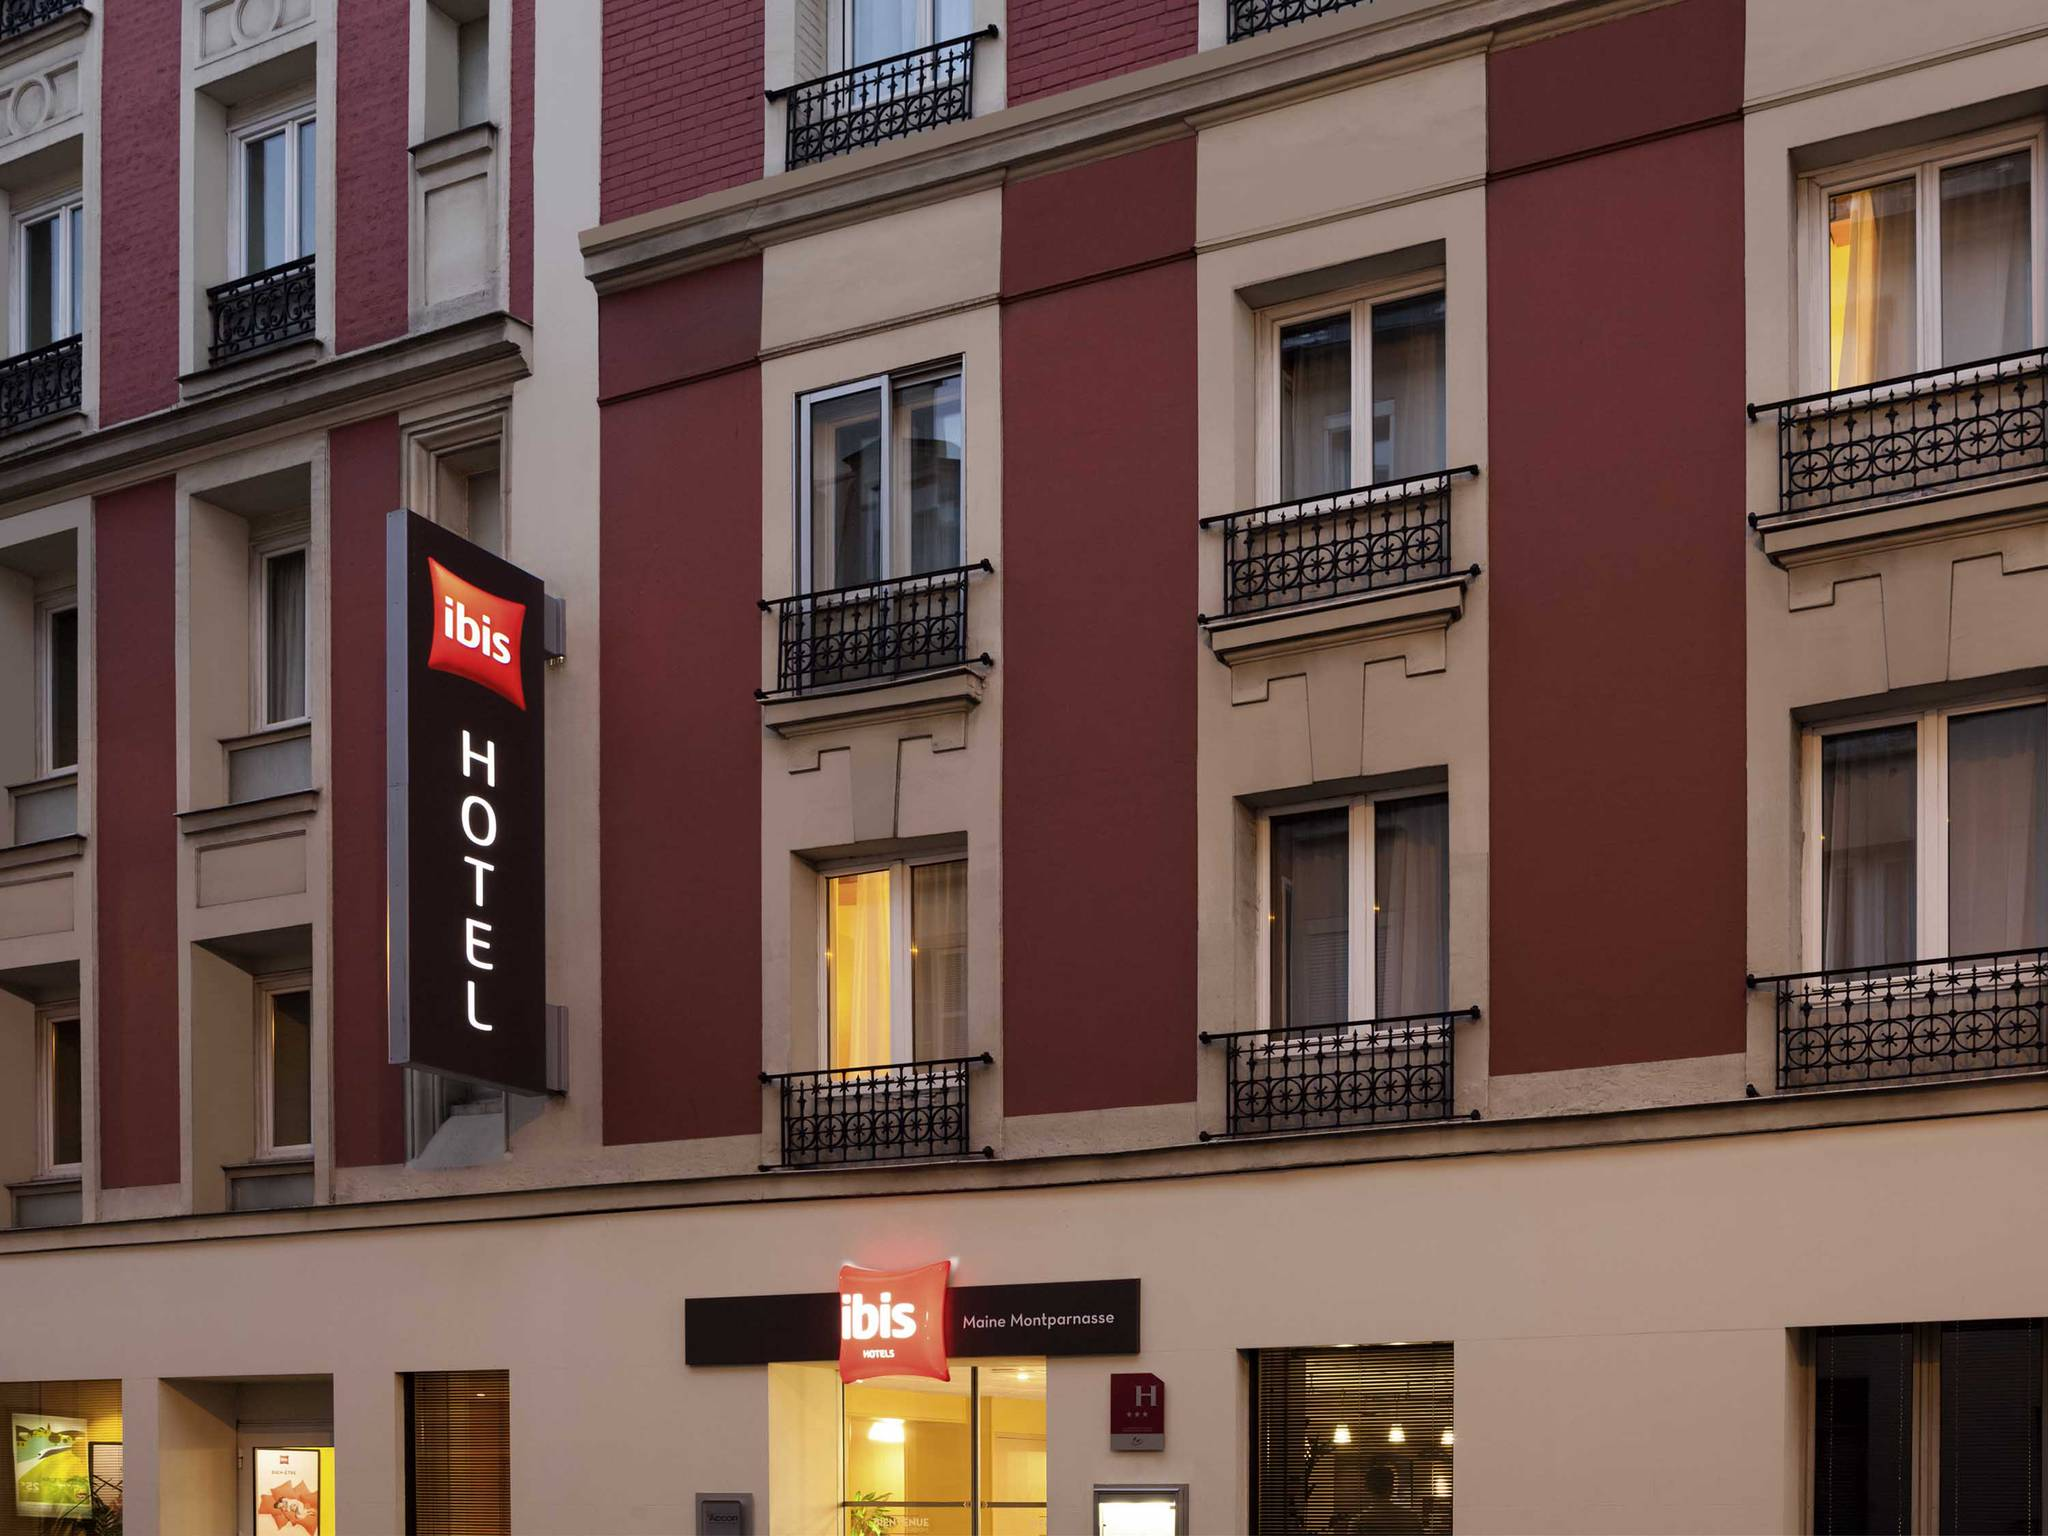 โรงแรม – ไอบิส ปารีส แมน มงต์ปาร์นาส 14เอเม่